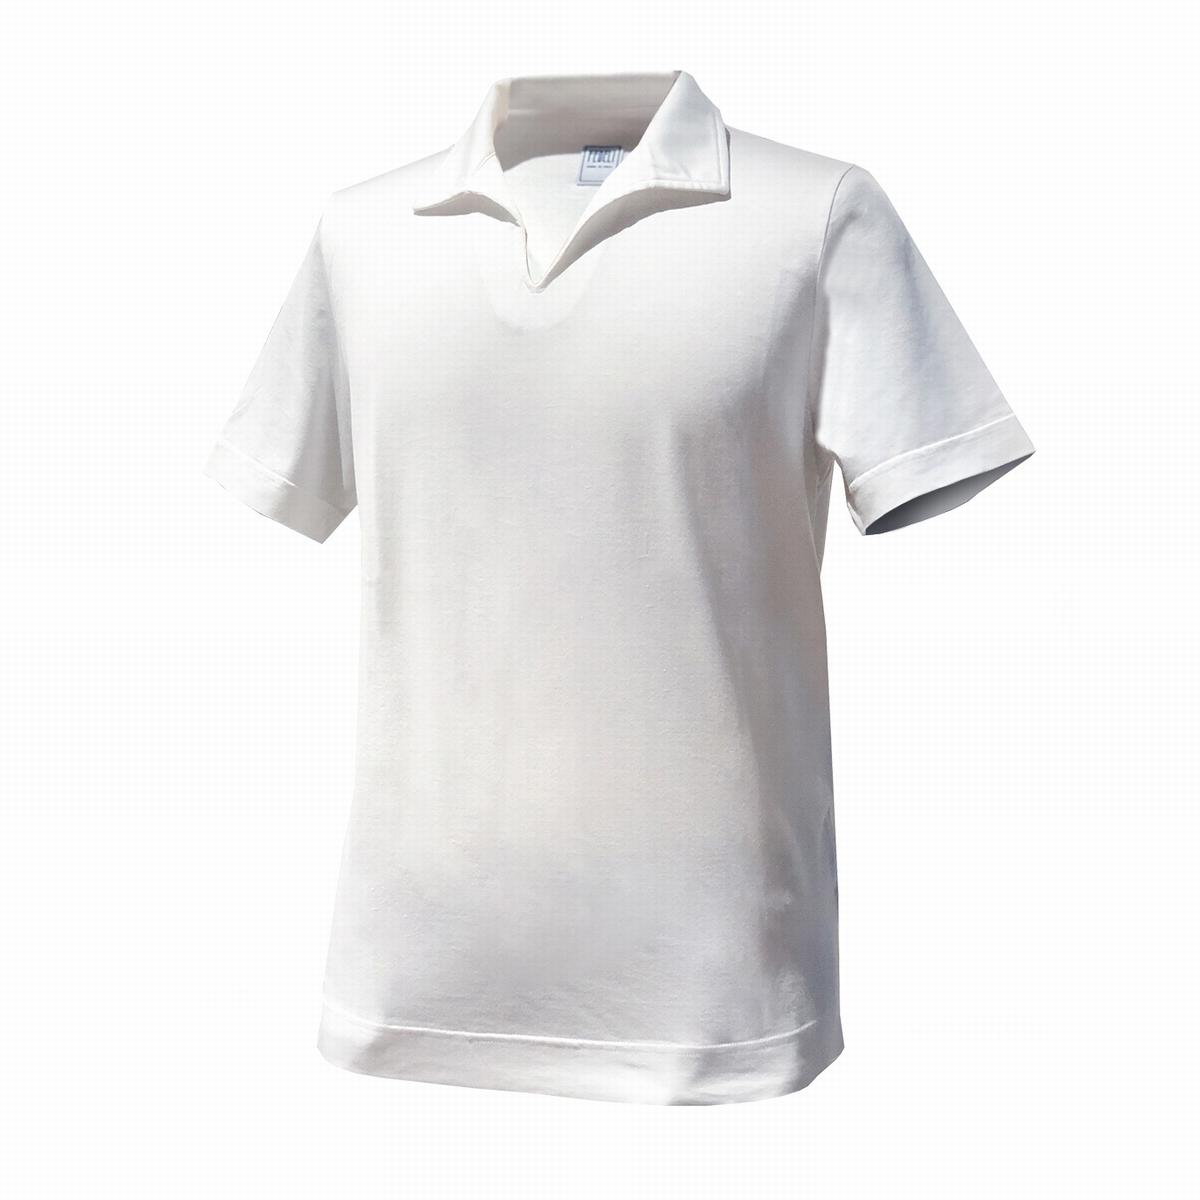 【 エジプト綿GIZA 】FEDELI (フェデーリ) イタリアンカラーポロシャツ 半袖 ホワイト ブランド 大きいサイズ カジュアル クールビズ おしゃれ 開襟シャツ フェデリ フェデッリ スキッパーカラー